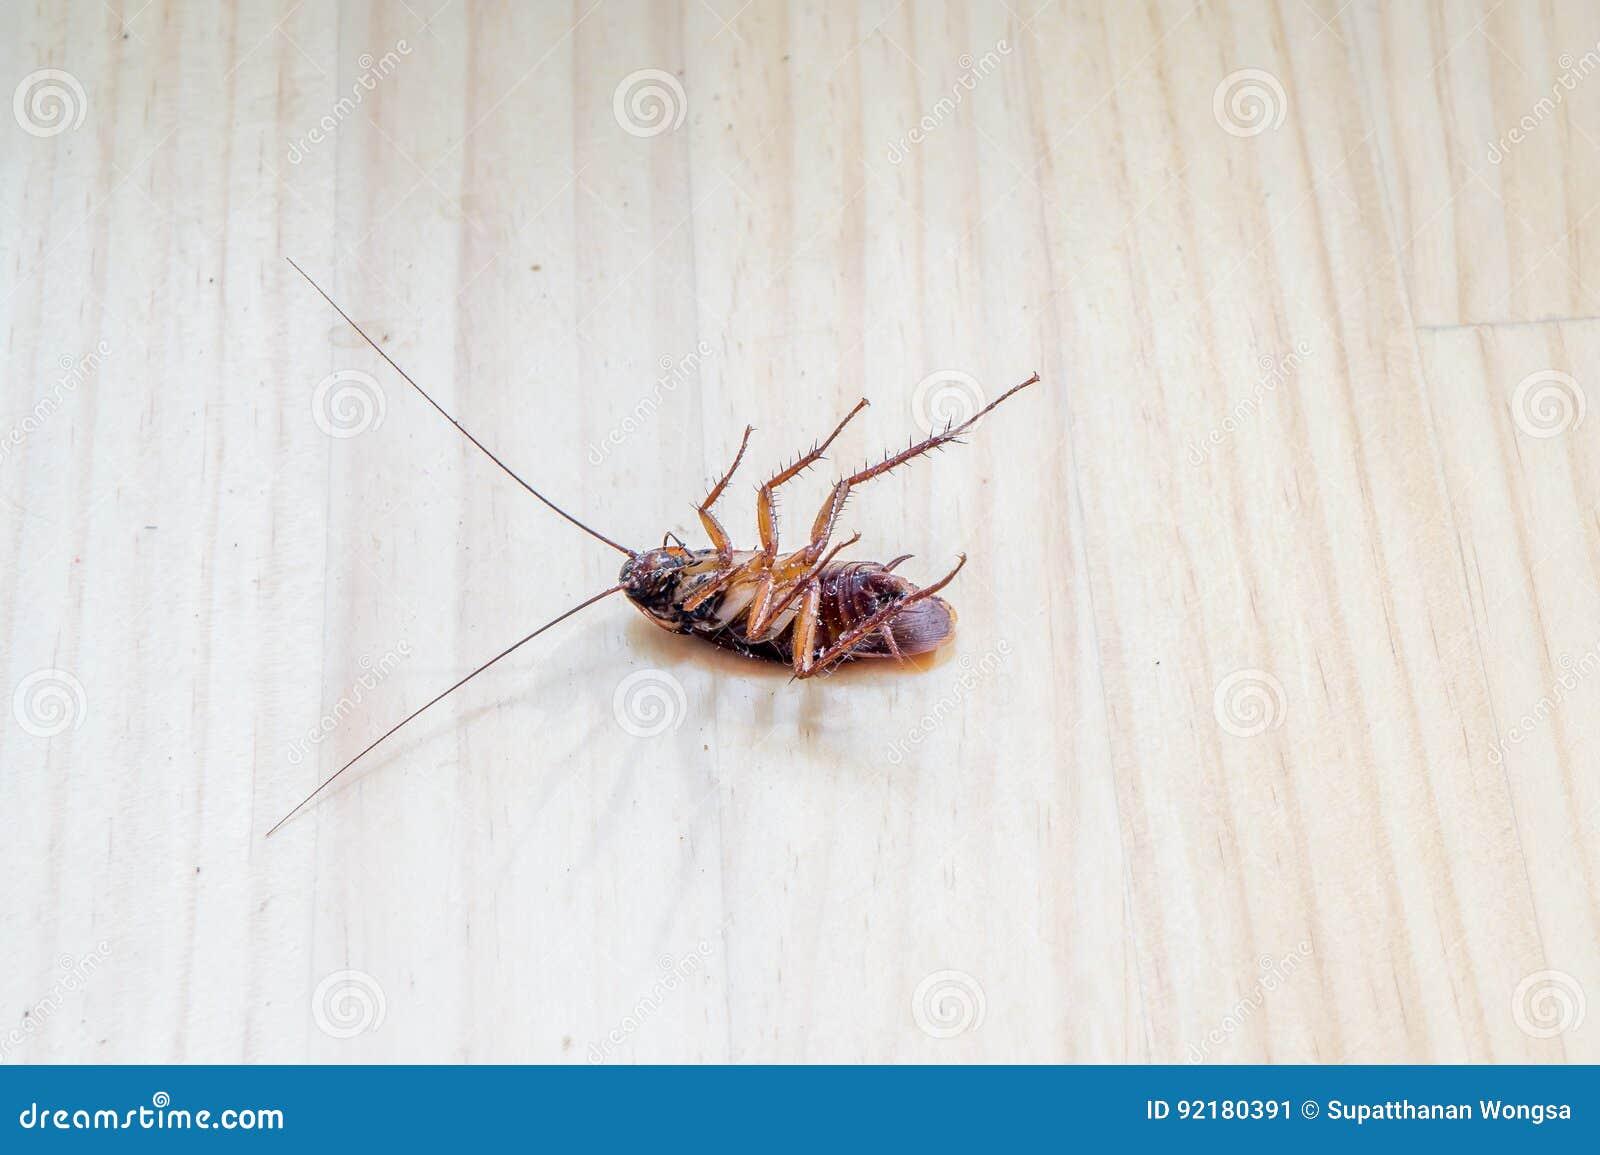 Voorn dood op houten vloer voor gebruik als ongediertebestrijdingsconcept